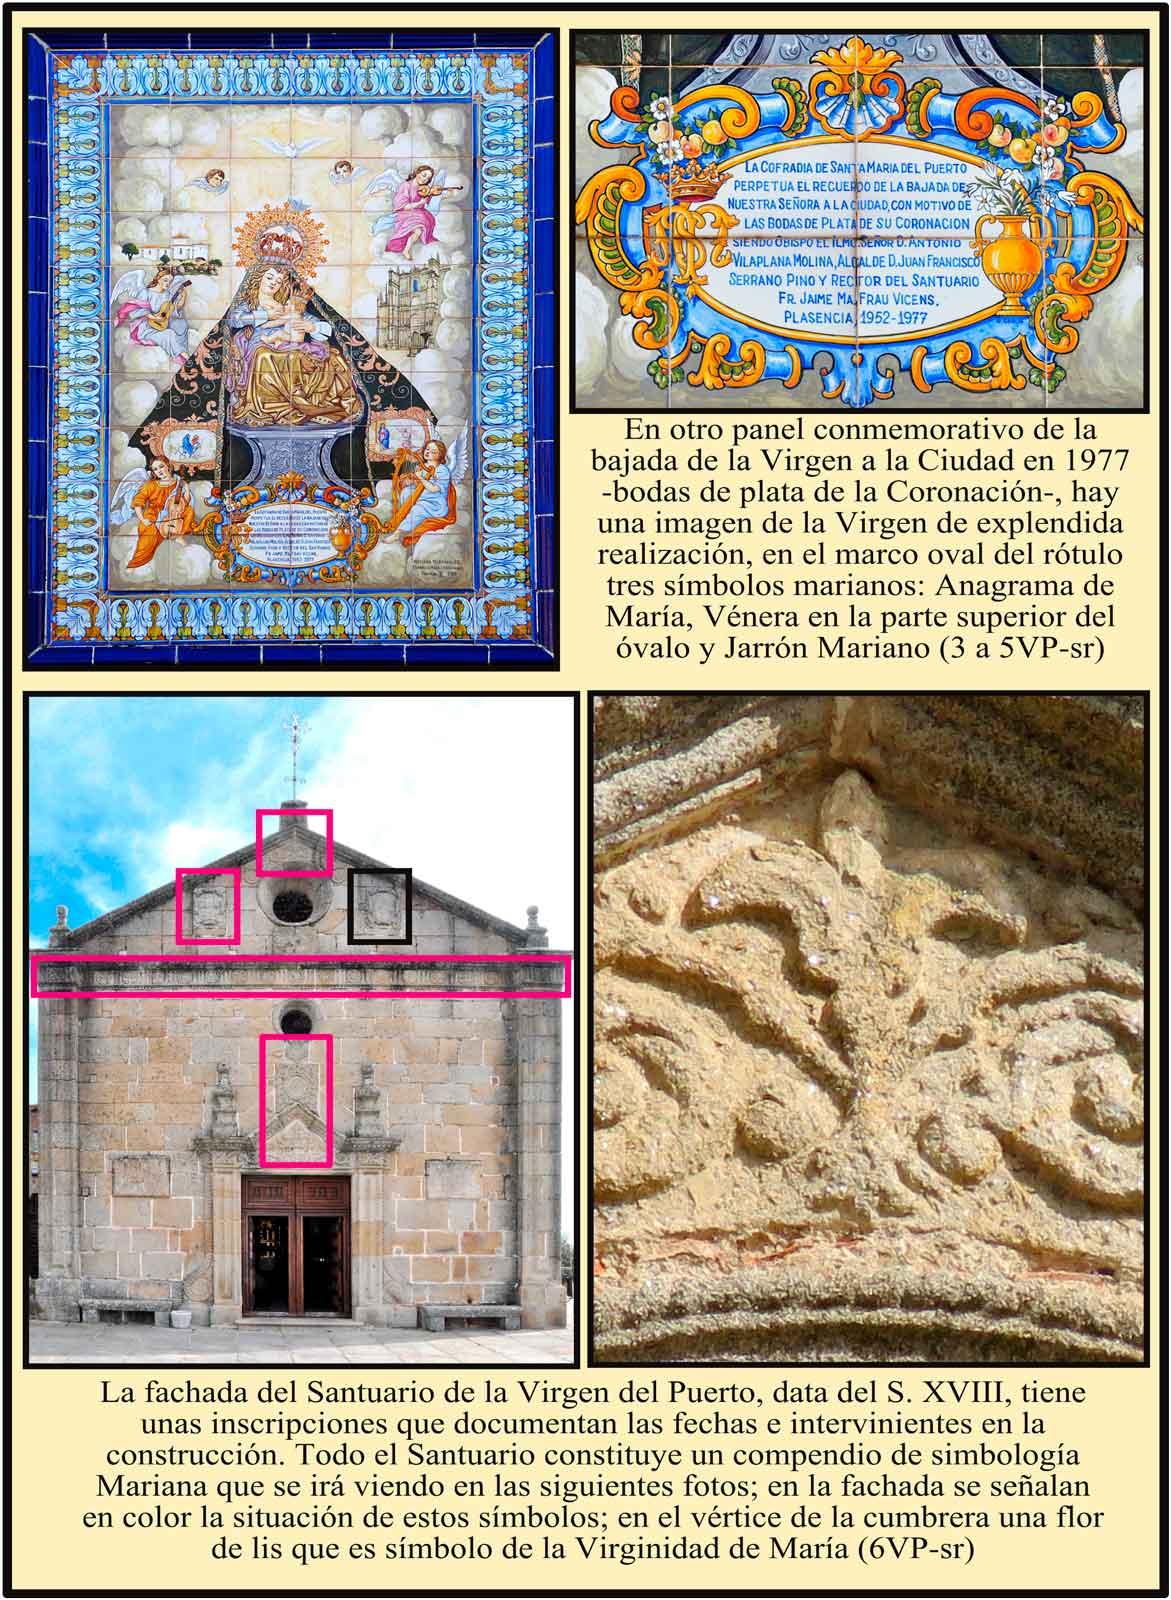 Ermita de la Virgen del Puerto. Situacion de simbolos marianos en la fachada